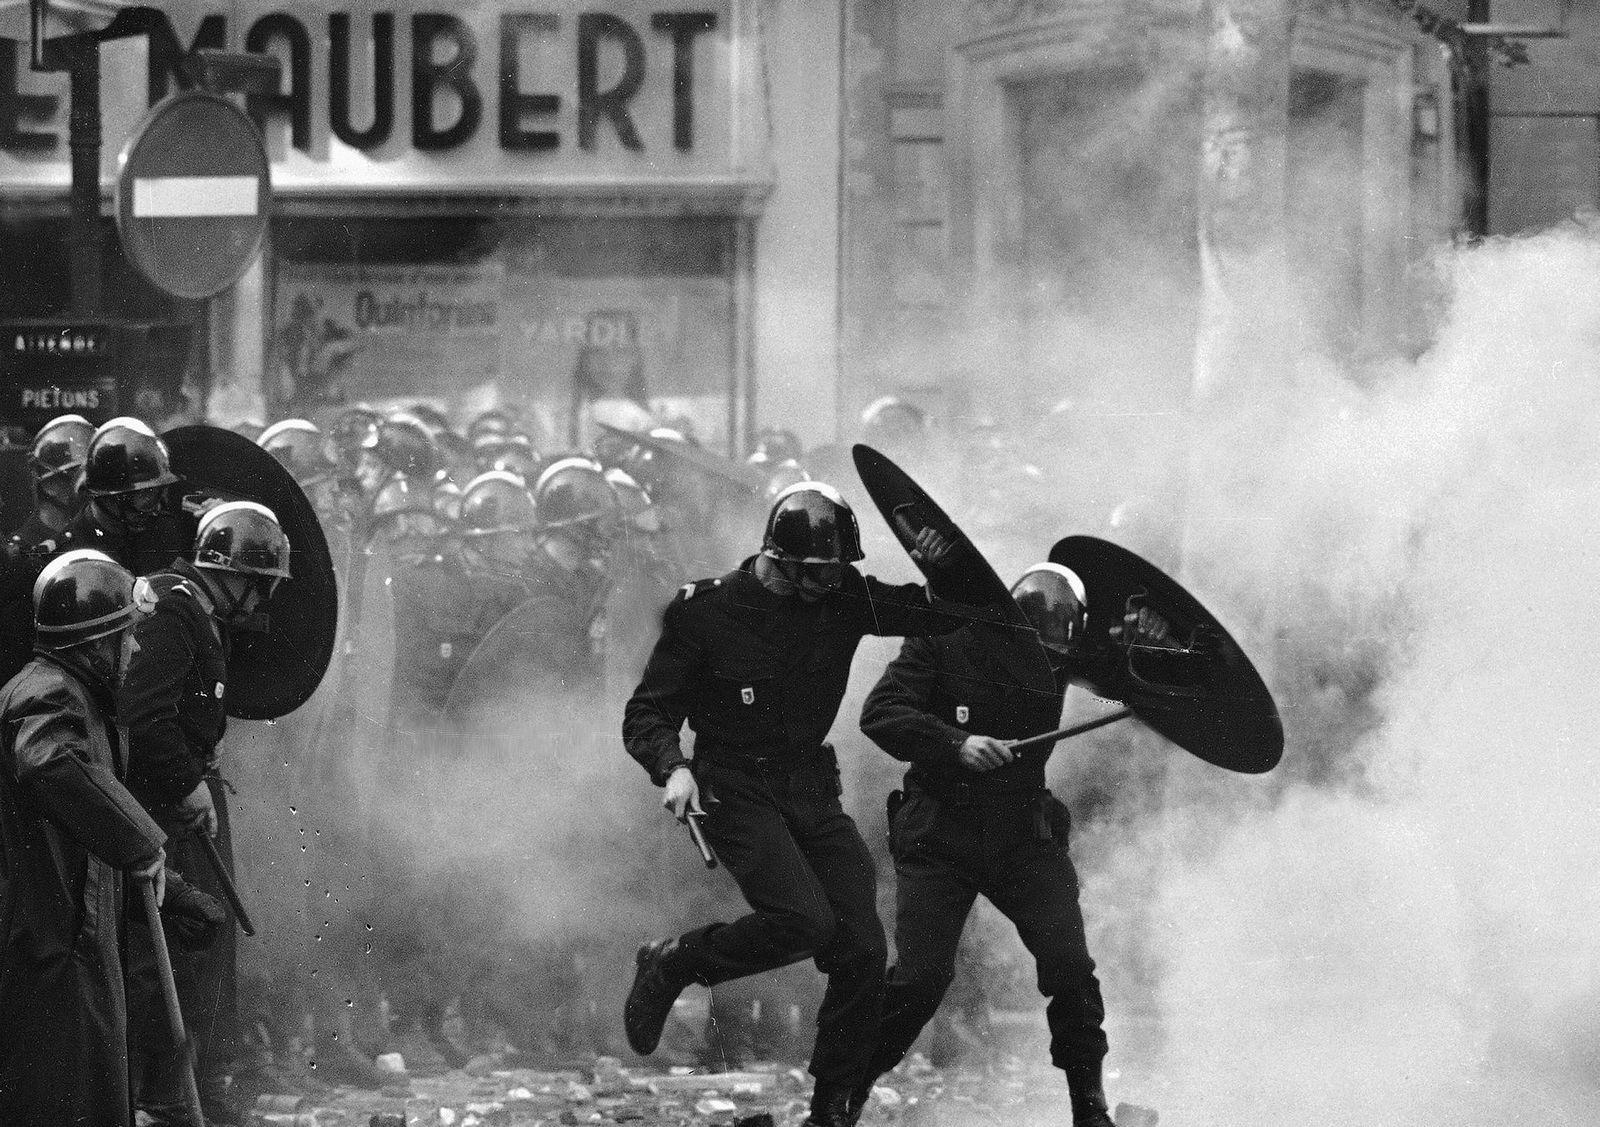 Anti-terrorpoliti ble satt inn mot demonstrantene.